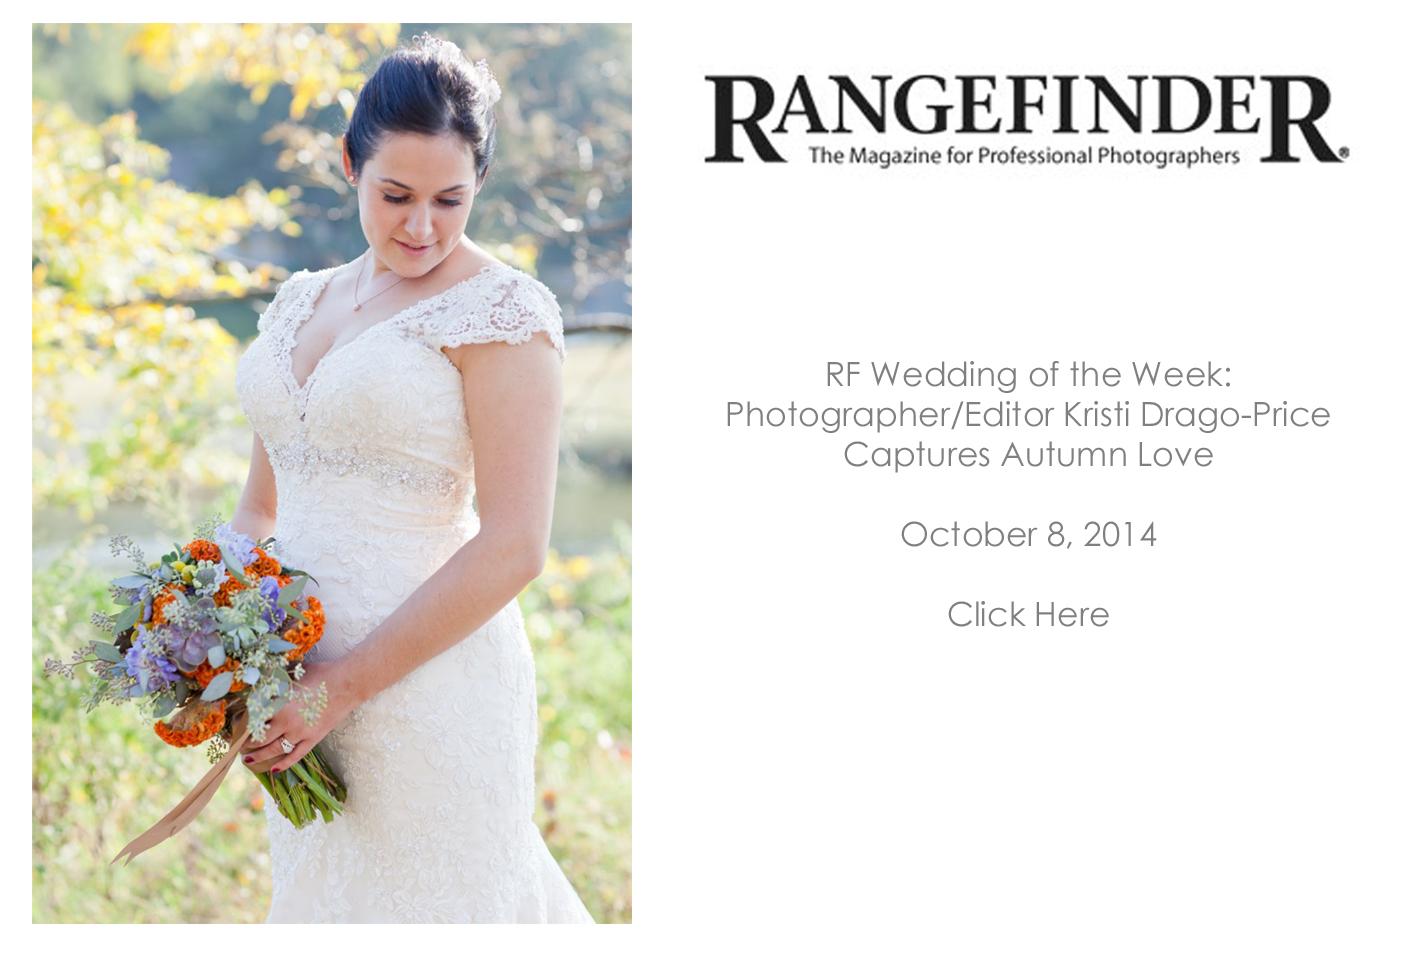 Rangefinder1.jpg